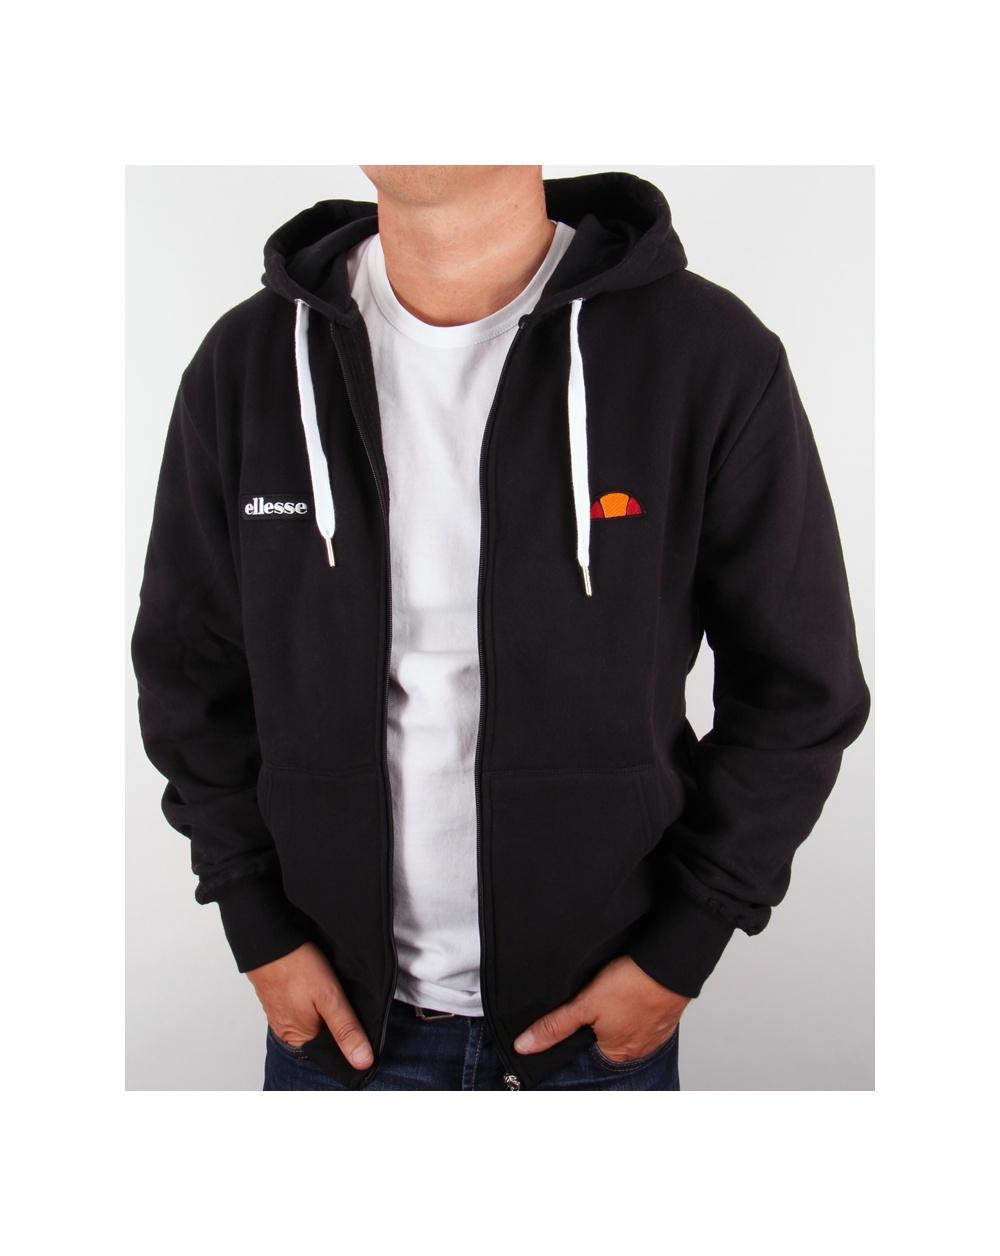 Black full zip hoodie